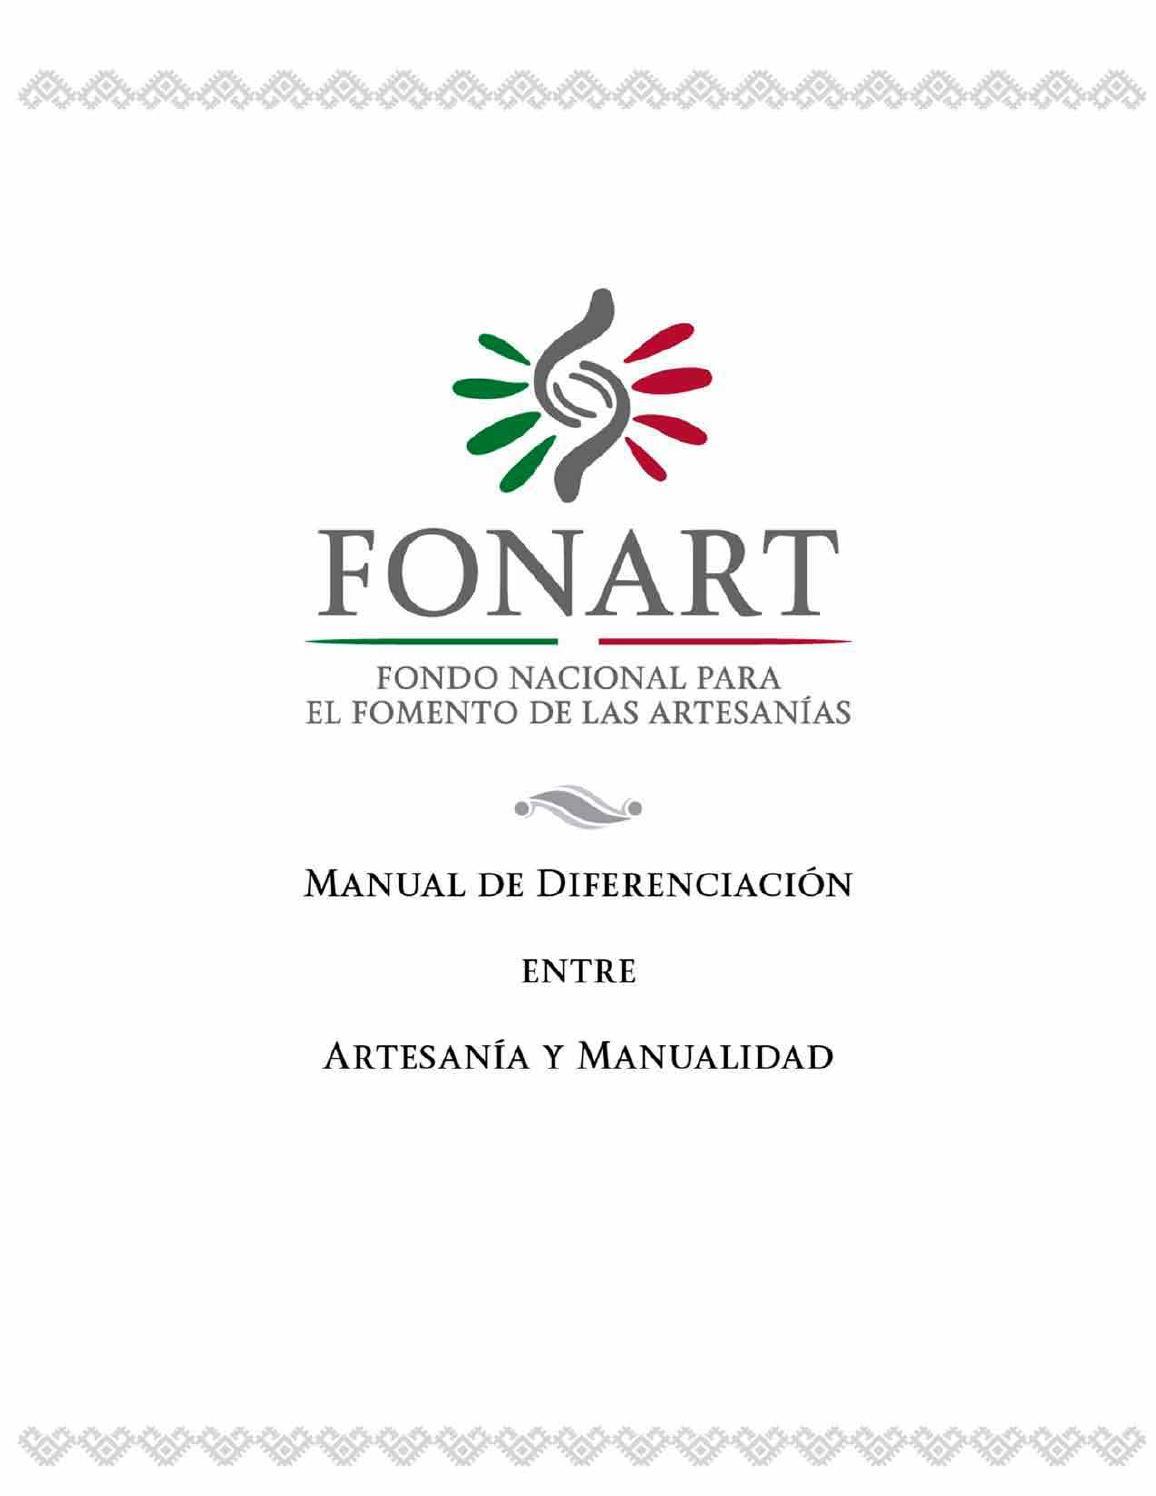 Manual de diferenciación entre artesanía y manualidad